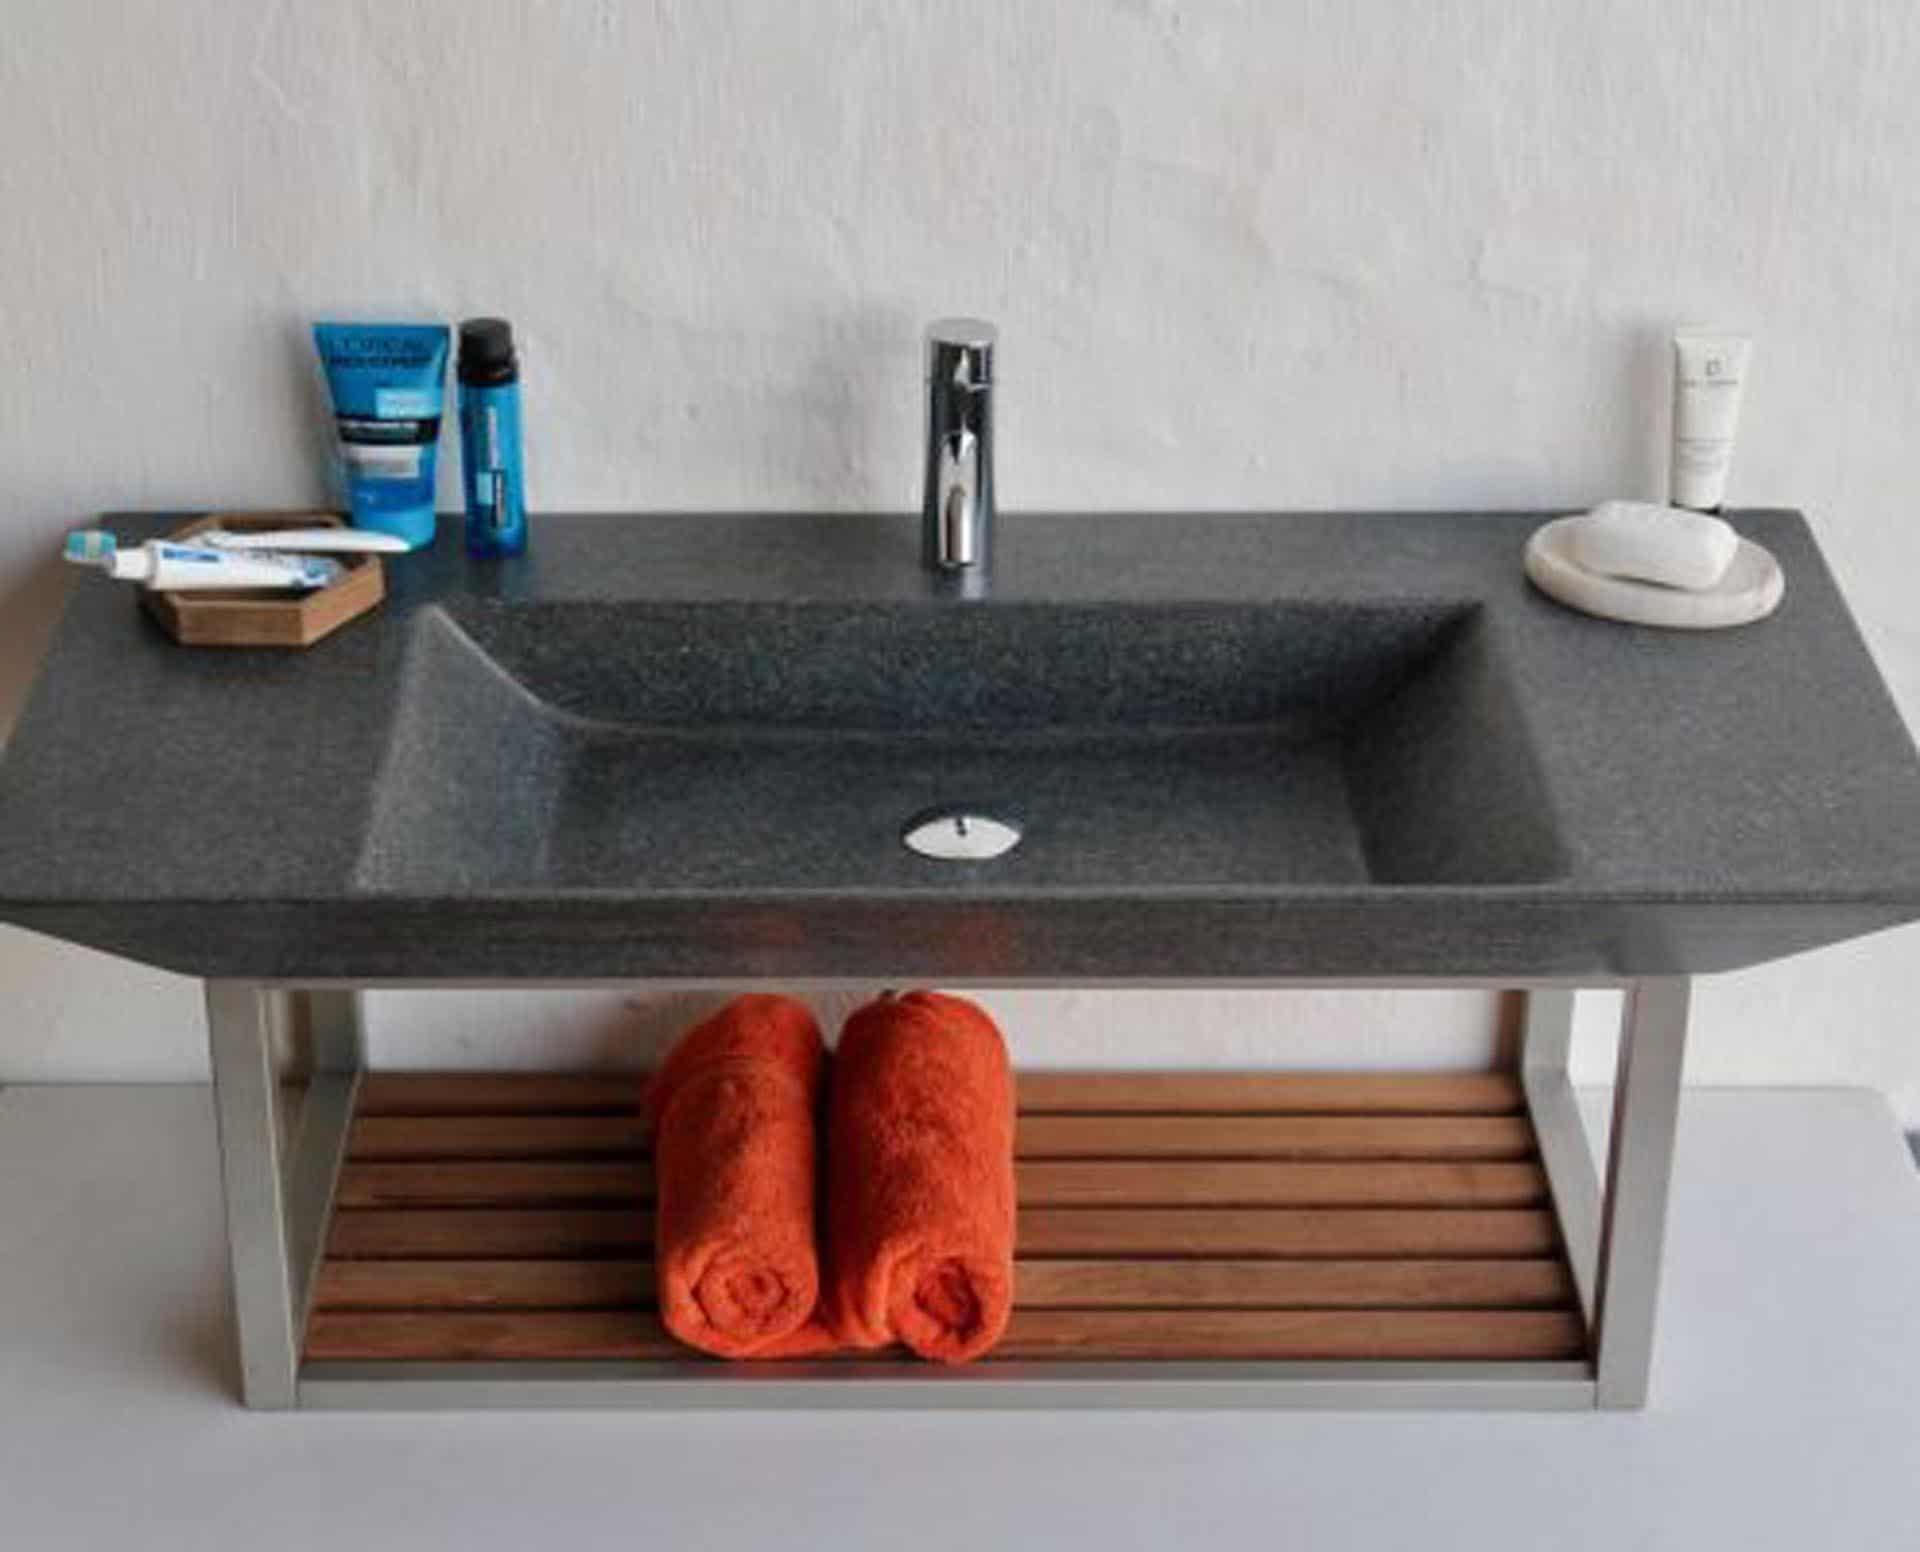 Eksklusiv designhåndvask fremstillet i massiv granit. Den sorte granit har en mat finish. En ægte stenvask i målene: 80/100 x 35,5 x 10 cm. Vasken er bearbejdet ud af et helt stykke granit - vi fræser ganske enkelt en håndvask ud af sten. Alle de afsluttende små detaljer er håndlavet. Med denne vask vil man få et stykke natur hjem i badeværelset. Det er kvalitet, som holder mange år ud i tiden. Vasken kan bruges som fritstående vask - da vasken er flad i bunden er den velegnet til at placere direkte på en bordplade. Vasken er hensynsmæssigt designet med fine rundinger, som både giver vasken et eksklusivt udtryk og gør den rengøringsvenlig. Vasken vedligeholdes med voks - vi anbefaler en behandling med vores egen naturvoks ID12002 et par gange om året for at opnå optimalt look.